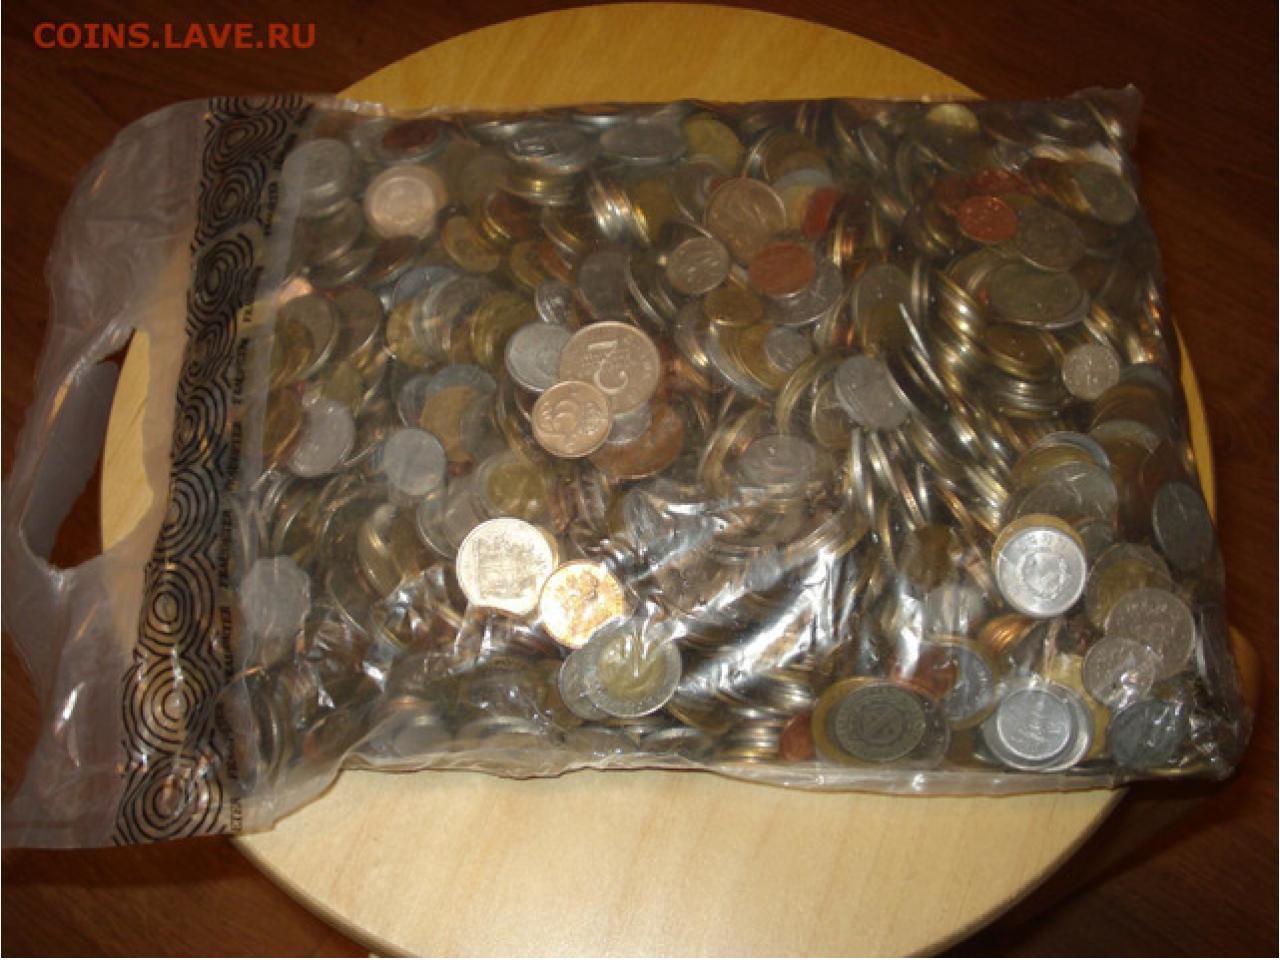 Куплю монеты разных стран оптом - 1